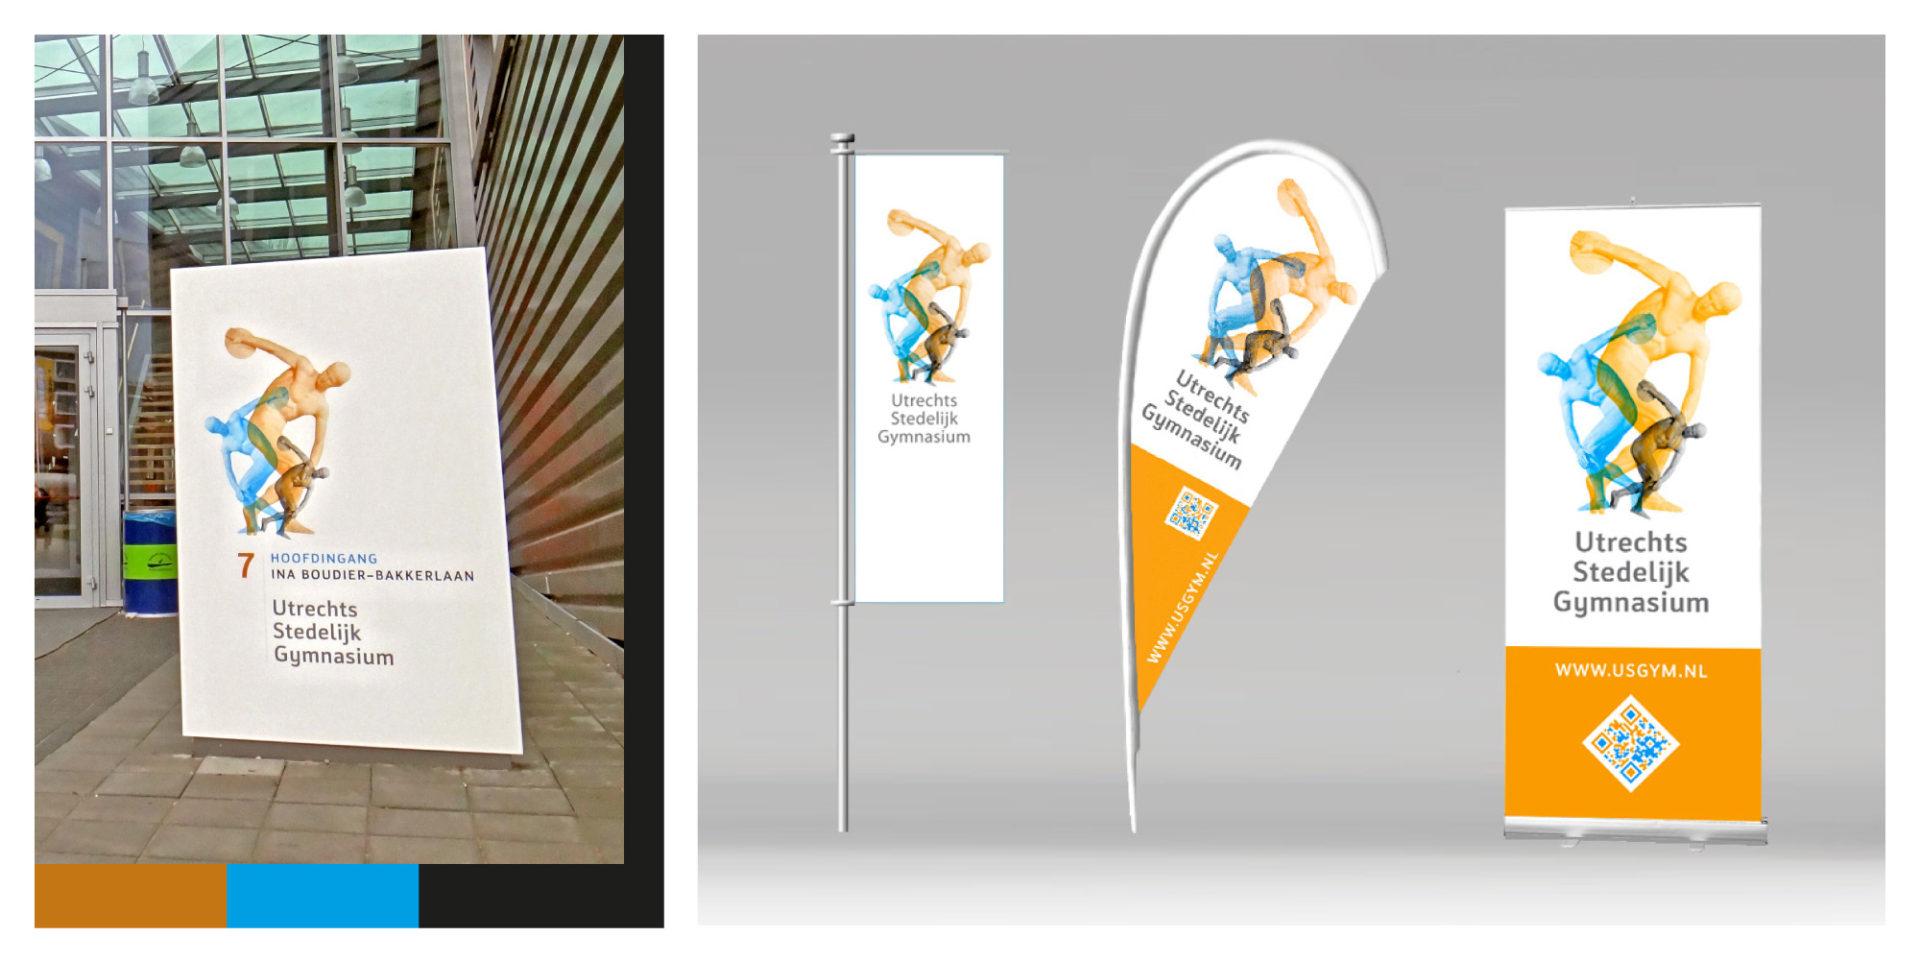 Utrechts Stedelijk Gymnasium vlaggen - Jeroen Borrenbergs)